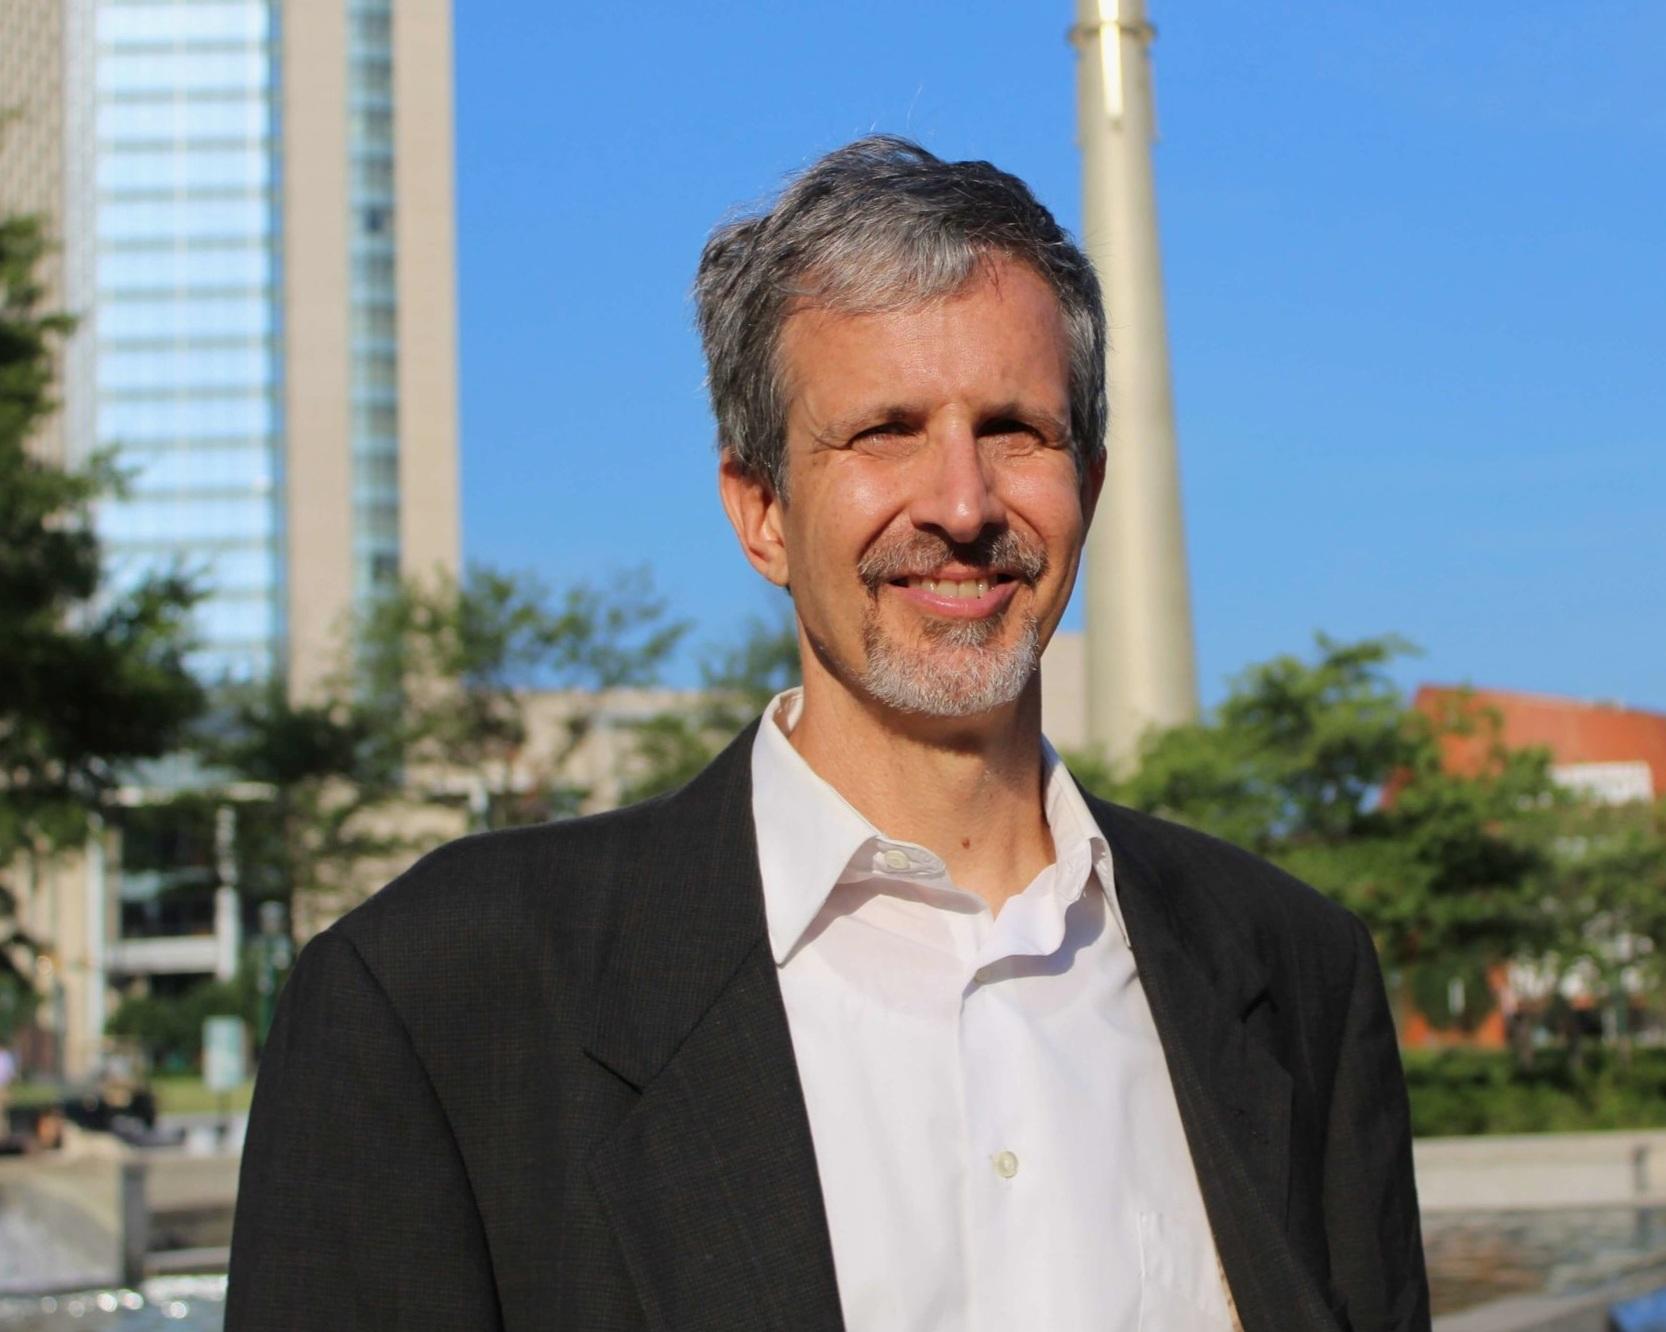 Joe Gudiswitz – Director of Engineering